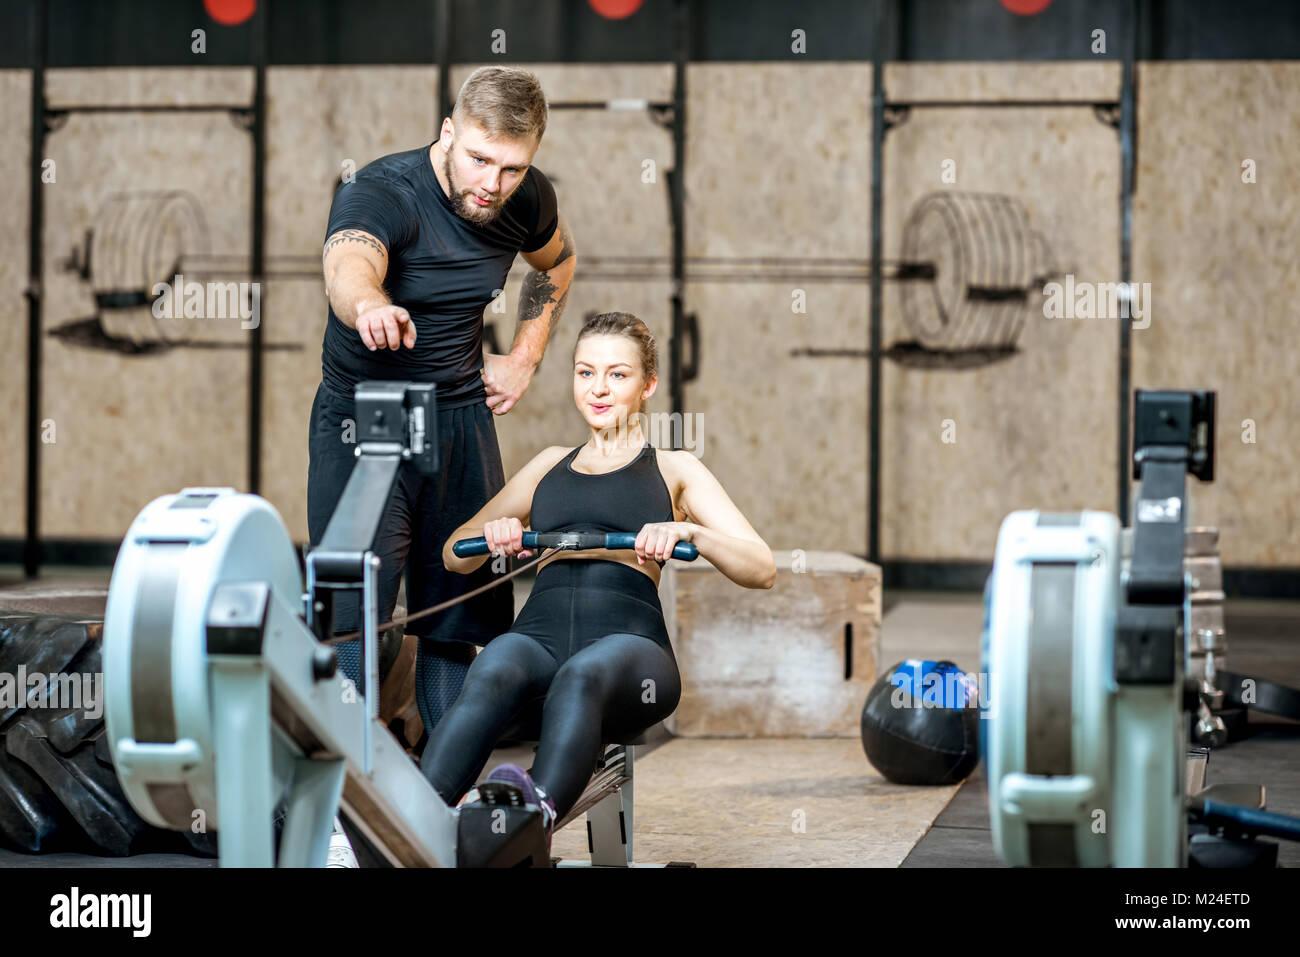 Mujer de capacitación para entrenadores en la máquina de ejercicios Imagen De Stock